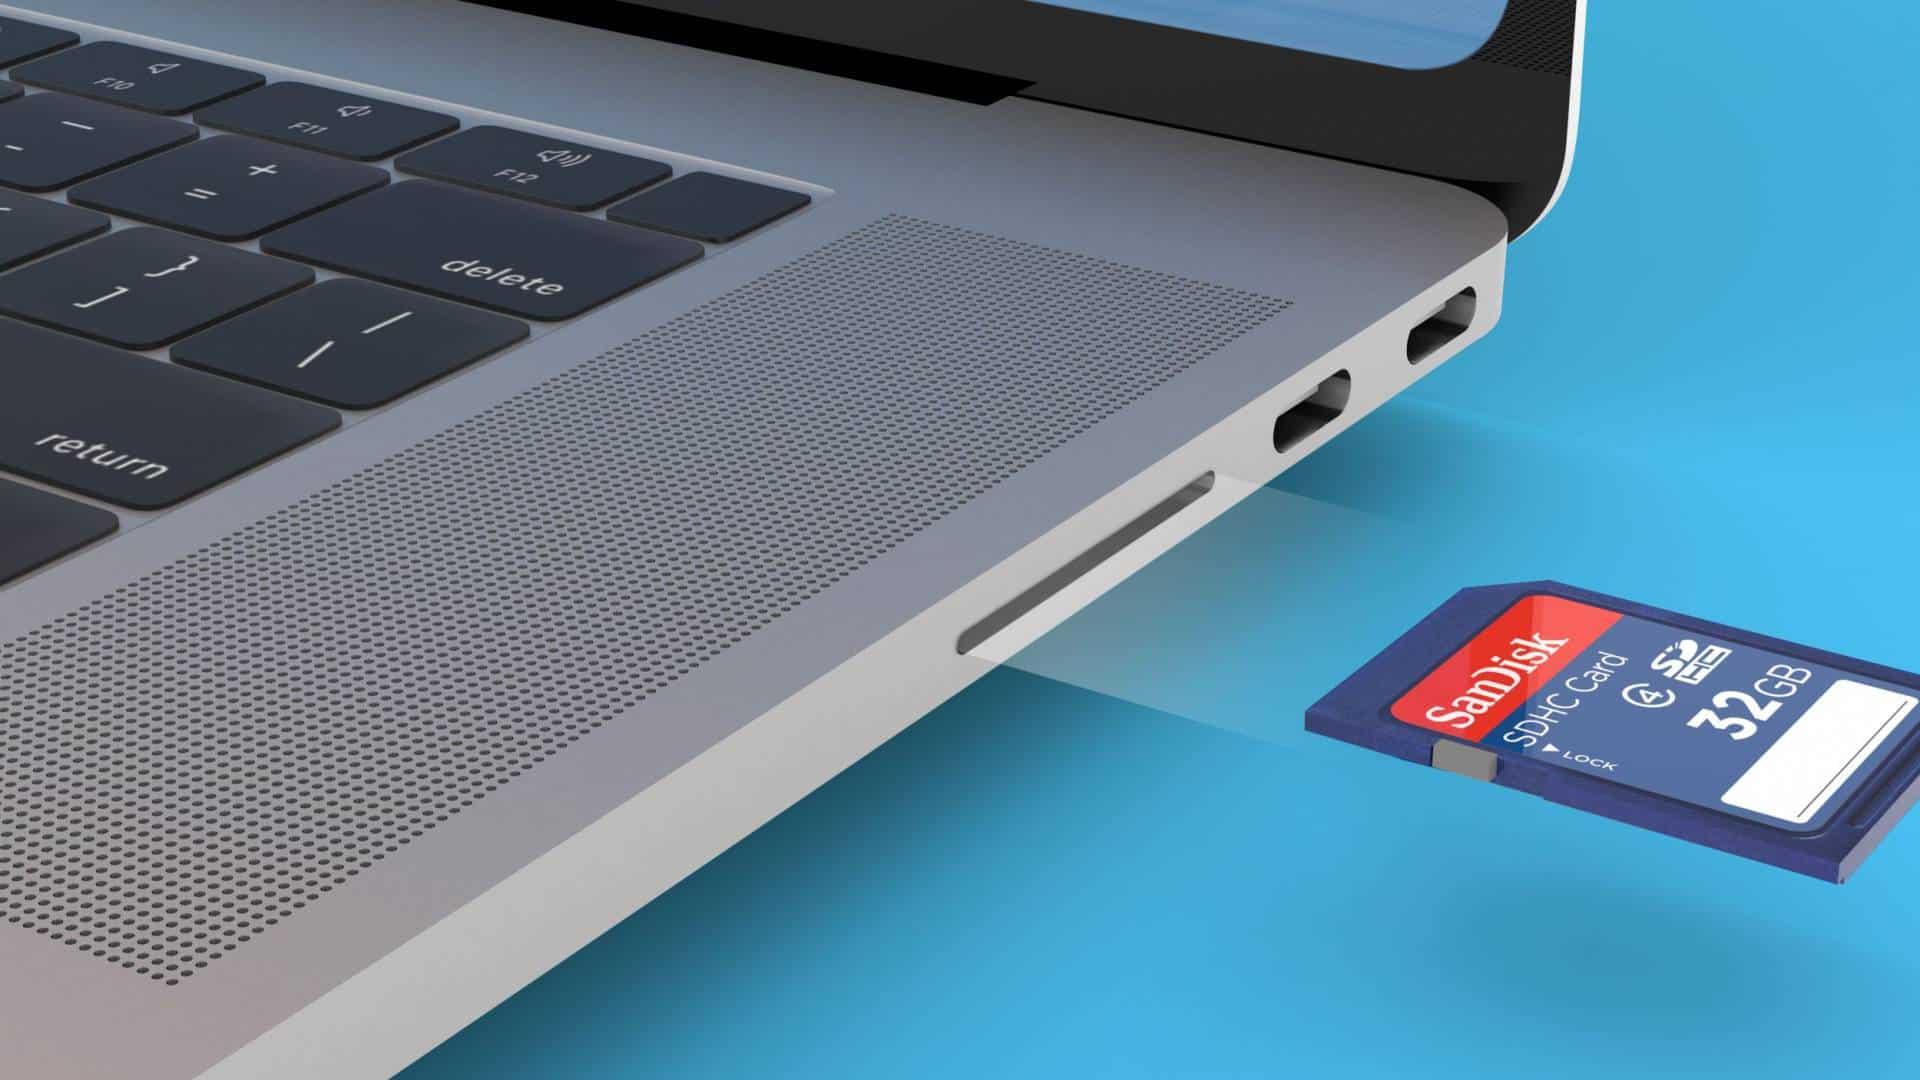 MacBook Pro 2021 dostane slot na SD kartu. Na Touch Bar zabudnite